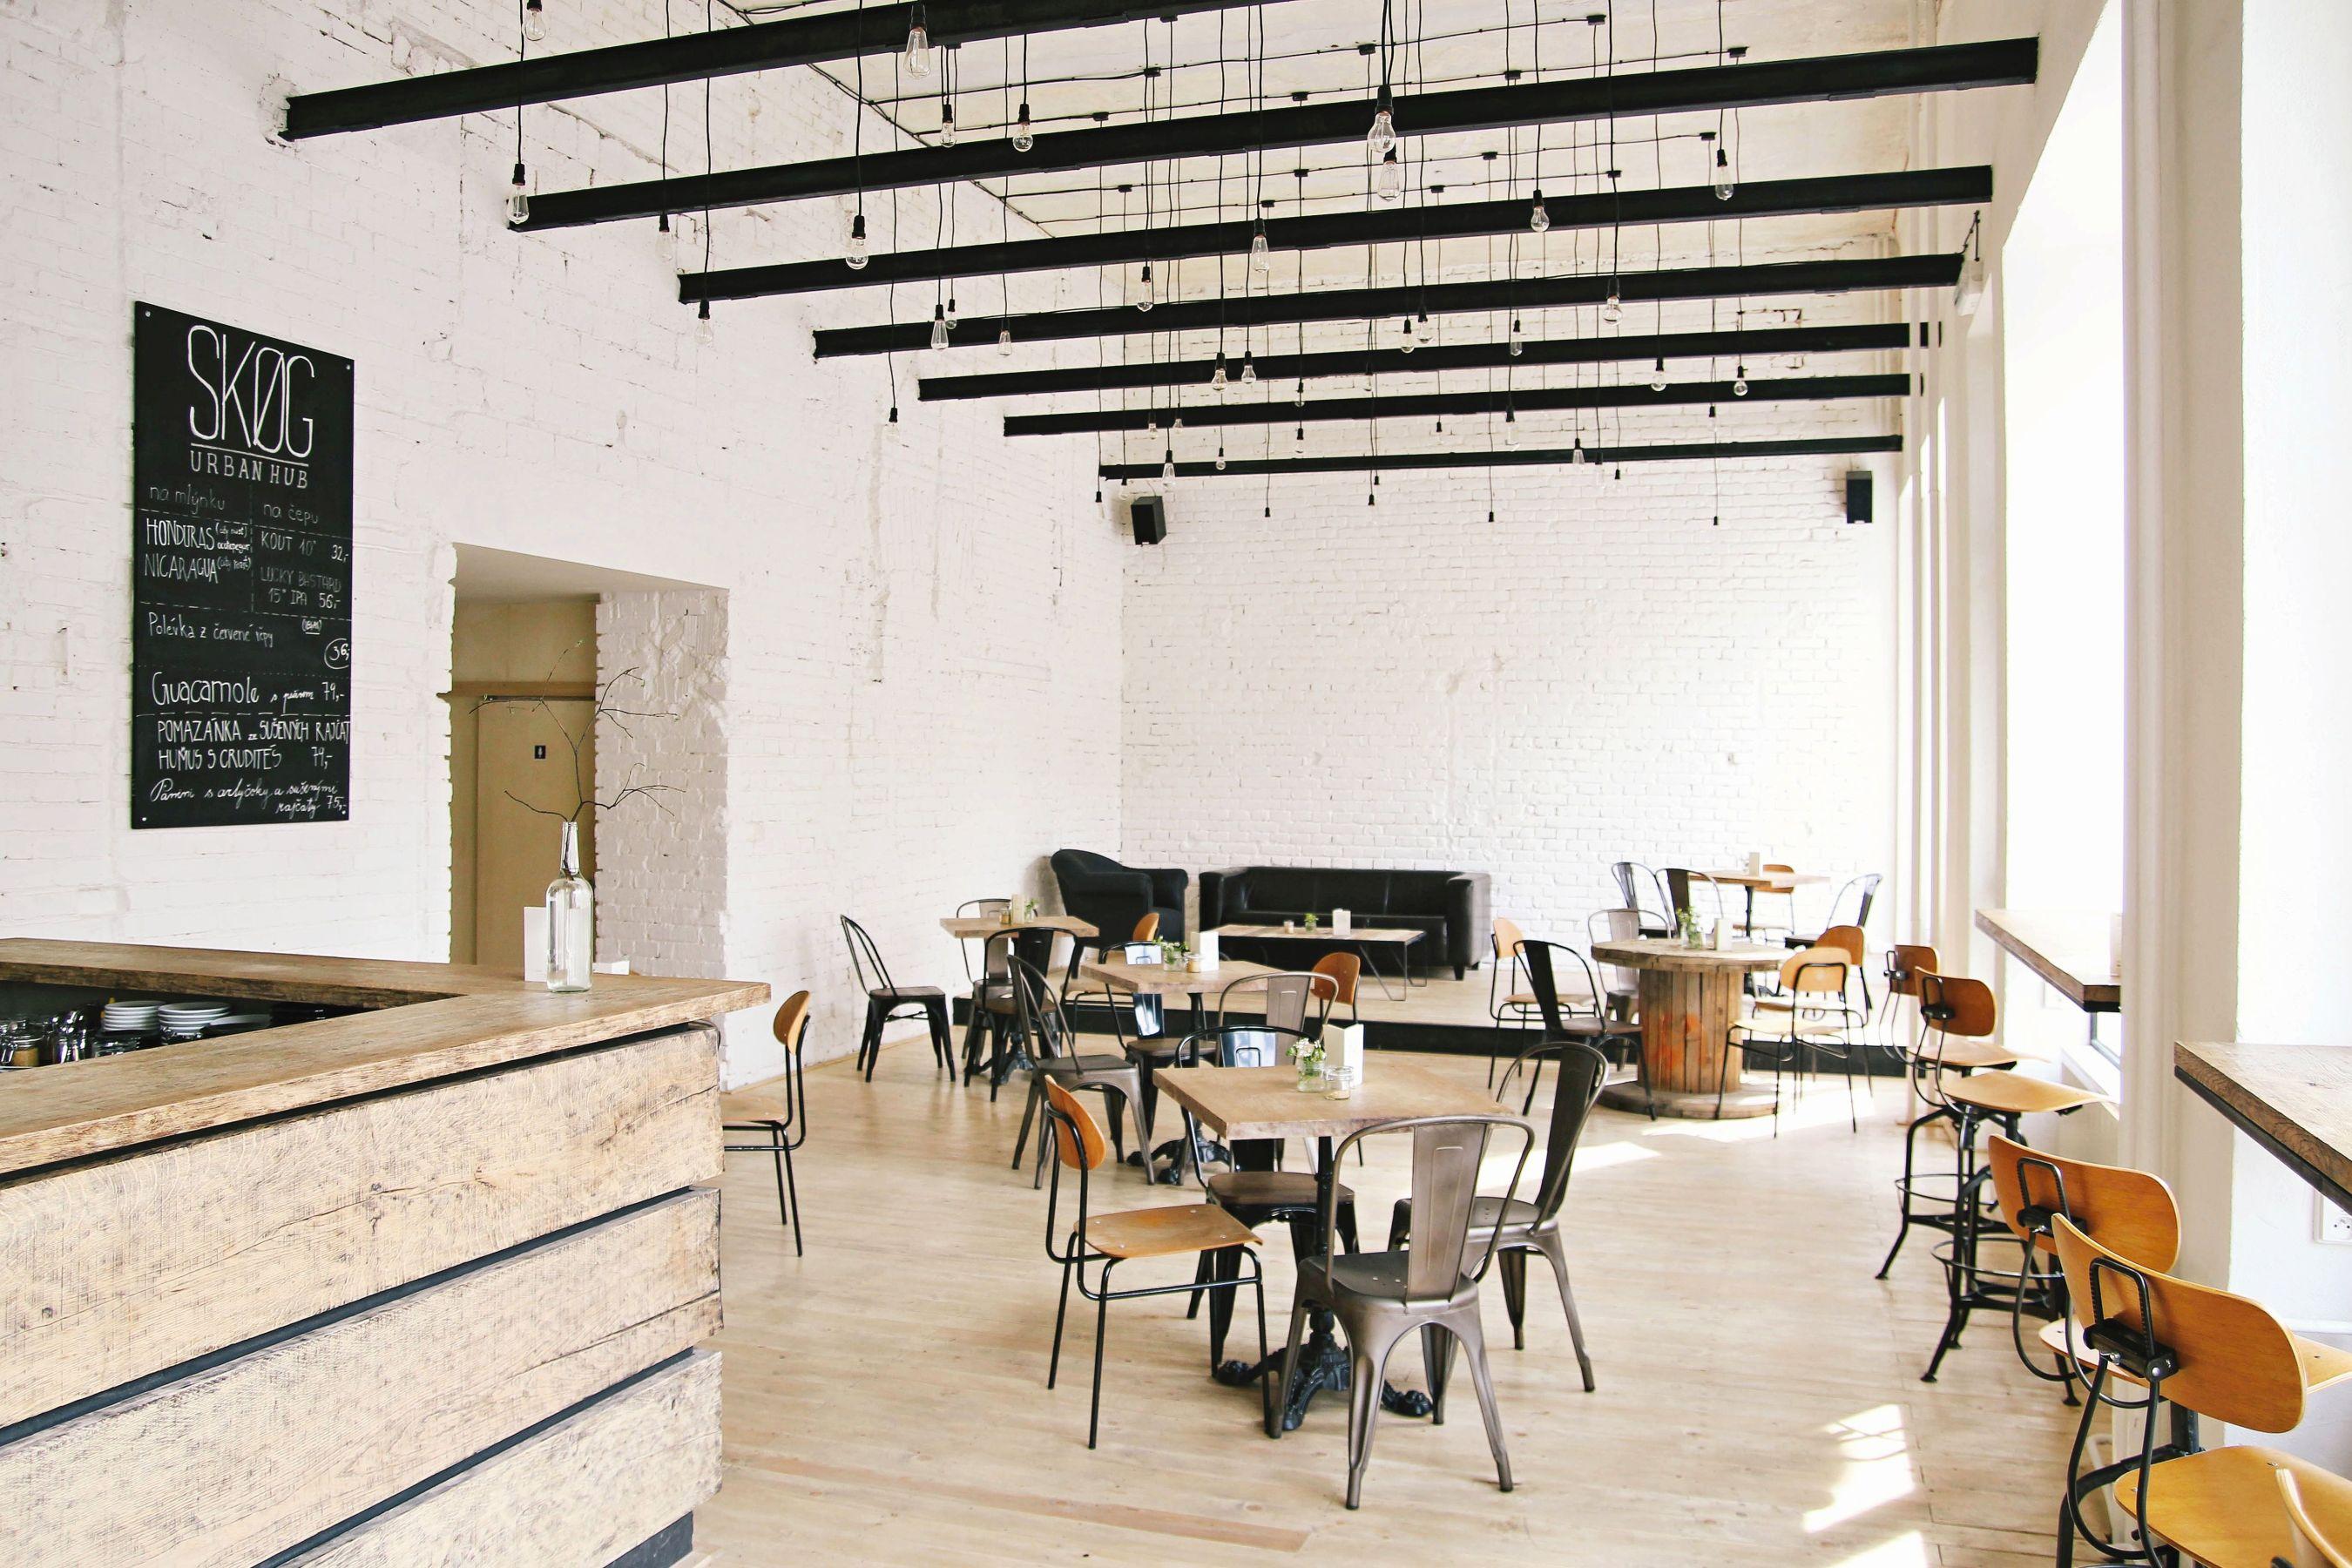 Cafe SKOG Urban Hub in Brno